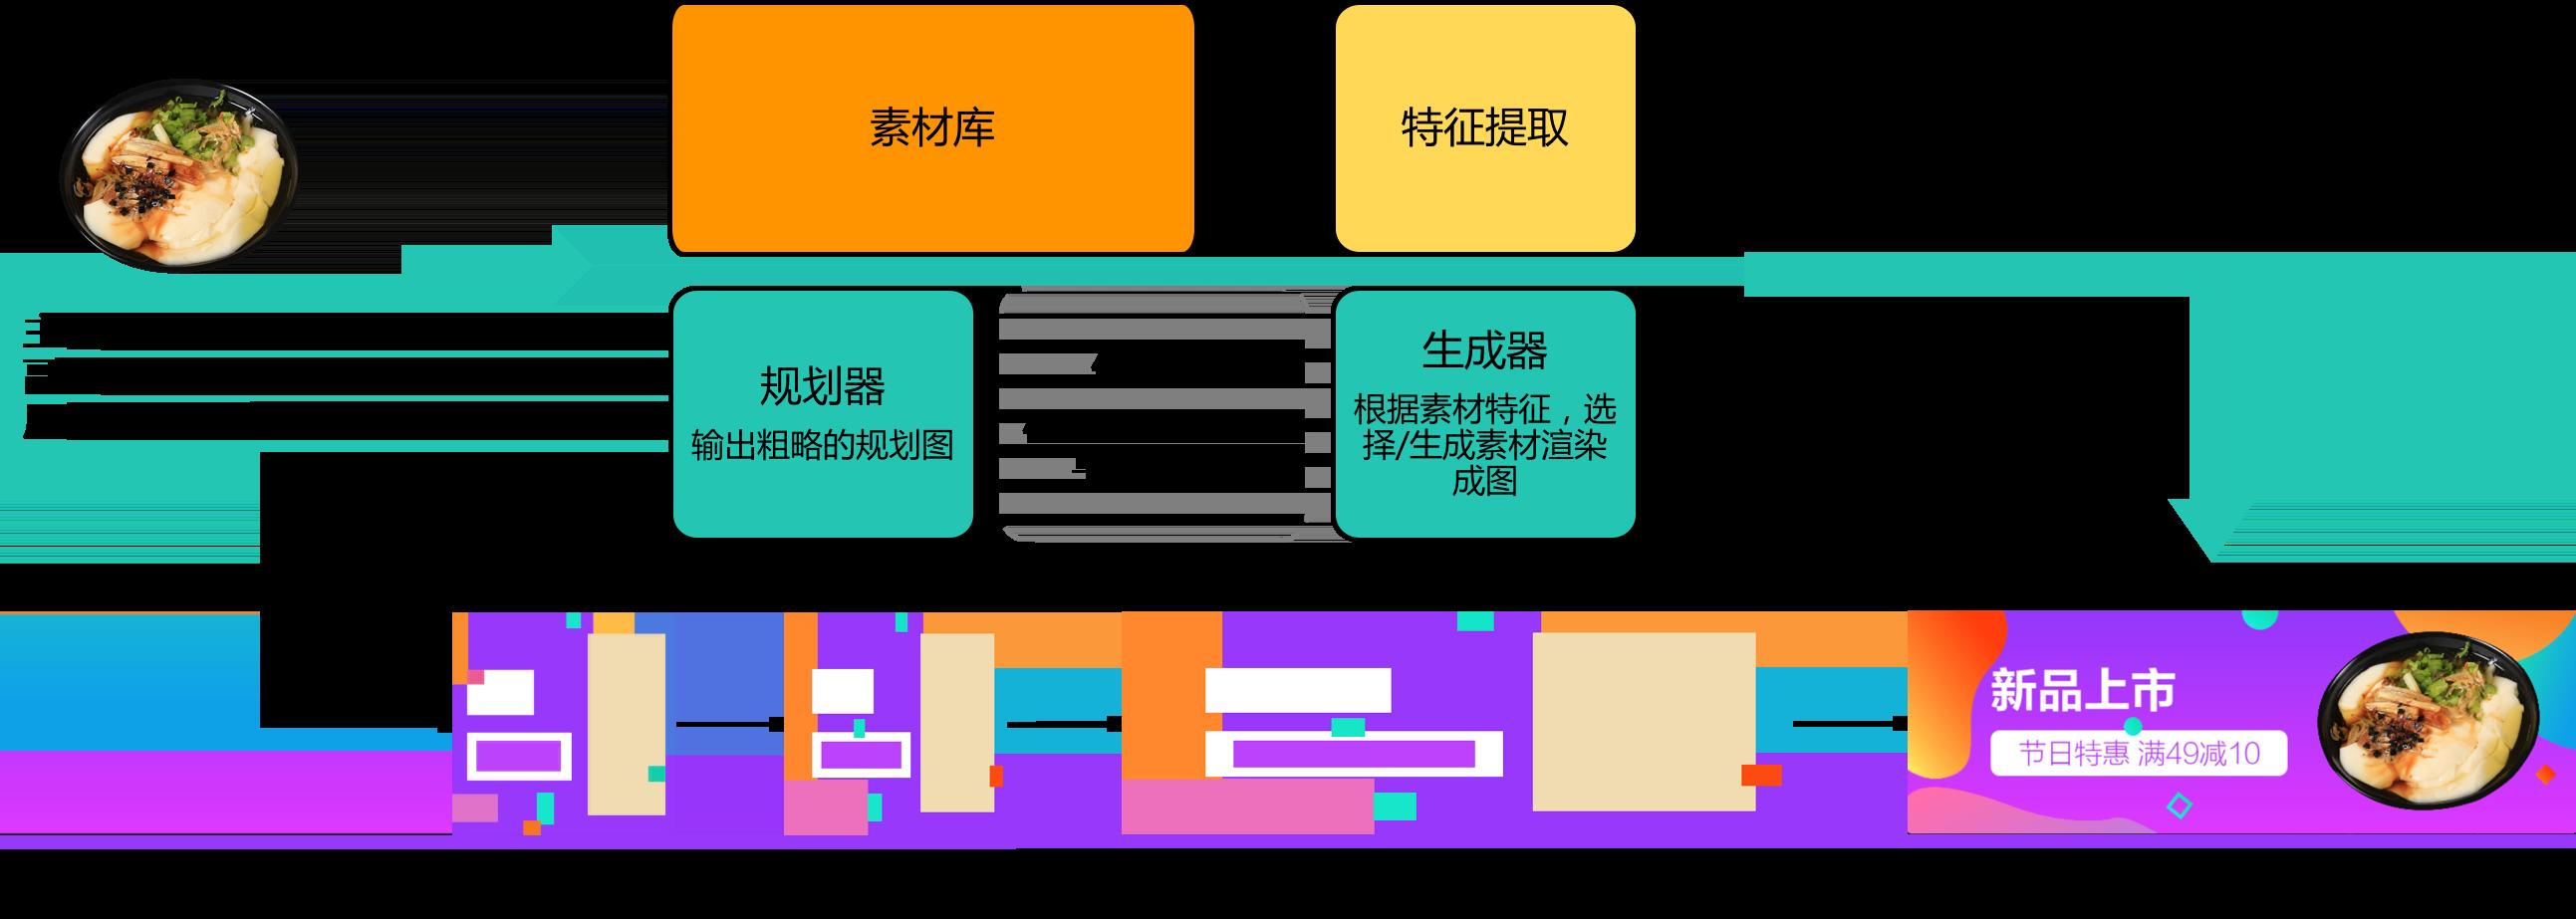 图2 流程框架